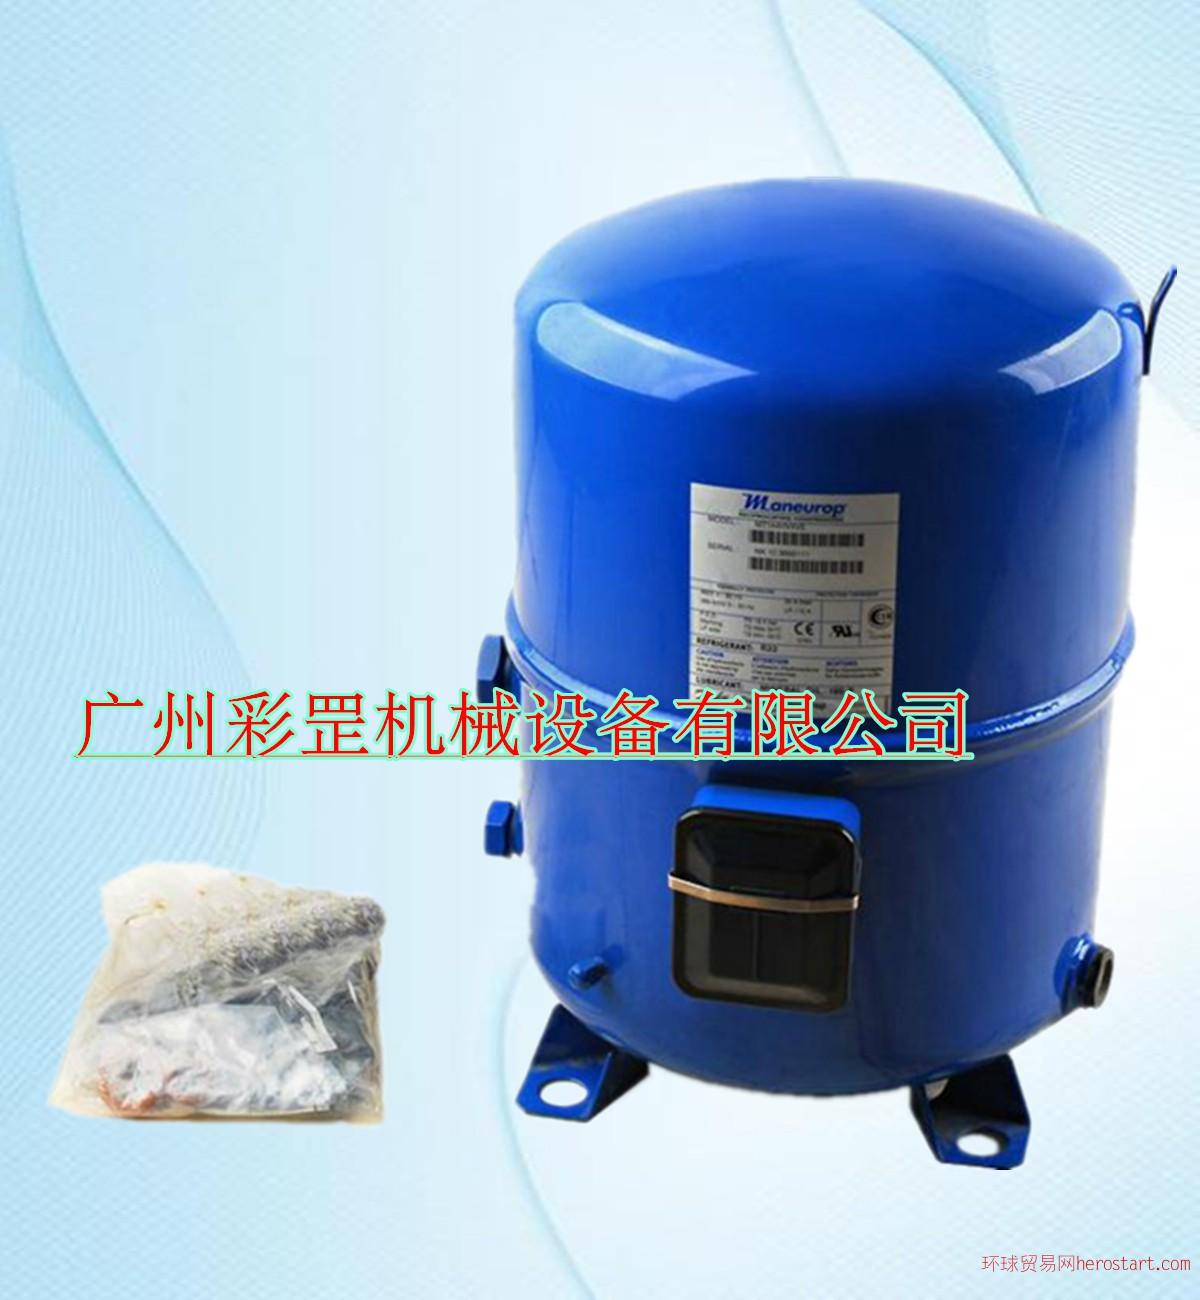 美优乐冷冻机厂冷库专用机组MT22JC4AVE